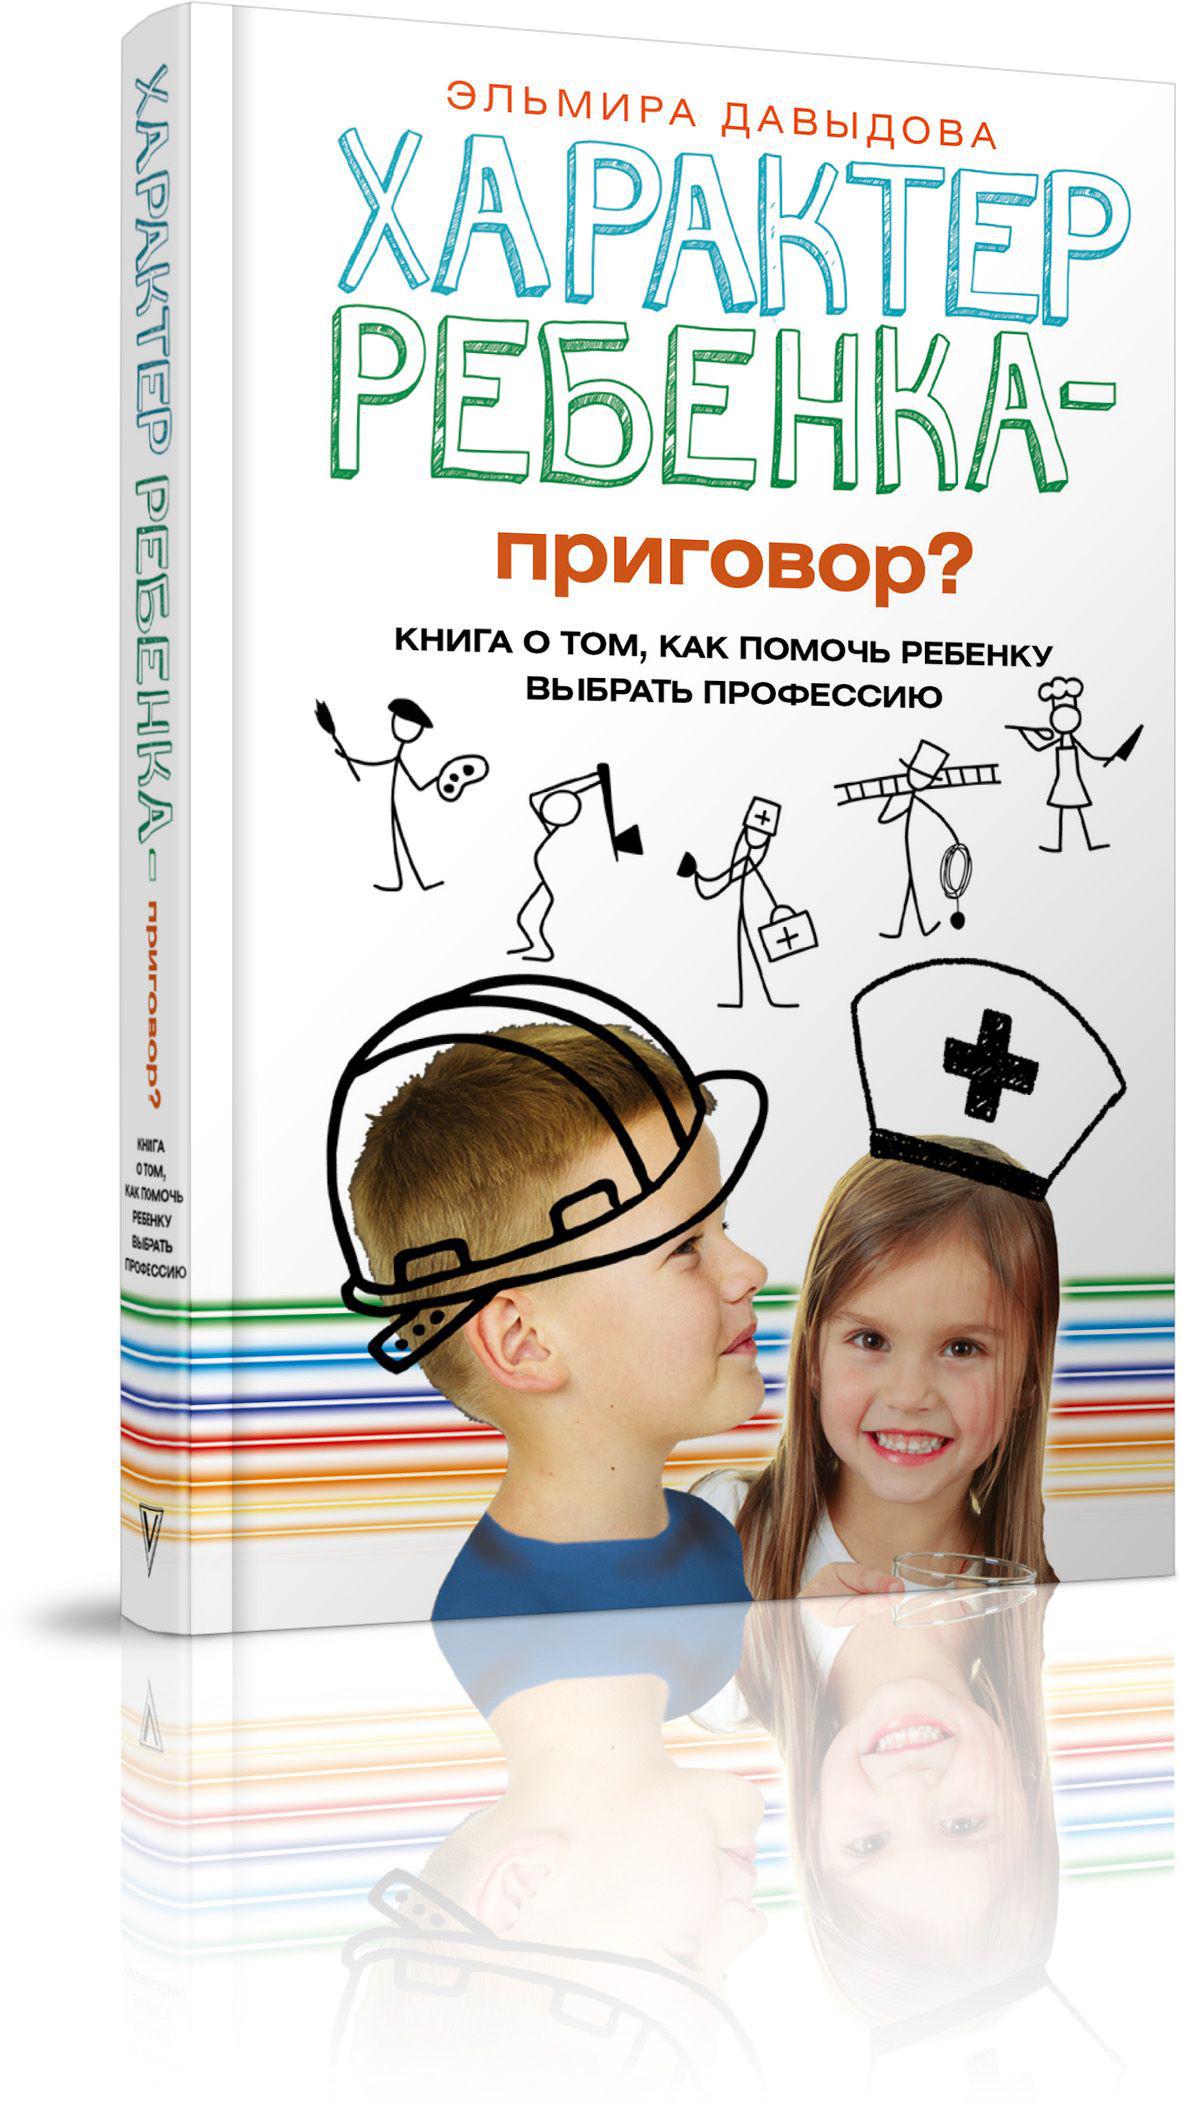 Характер ребёнка приговор? Книга о том, как помочь ребёнку выбрать профессию